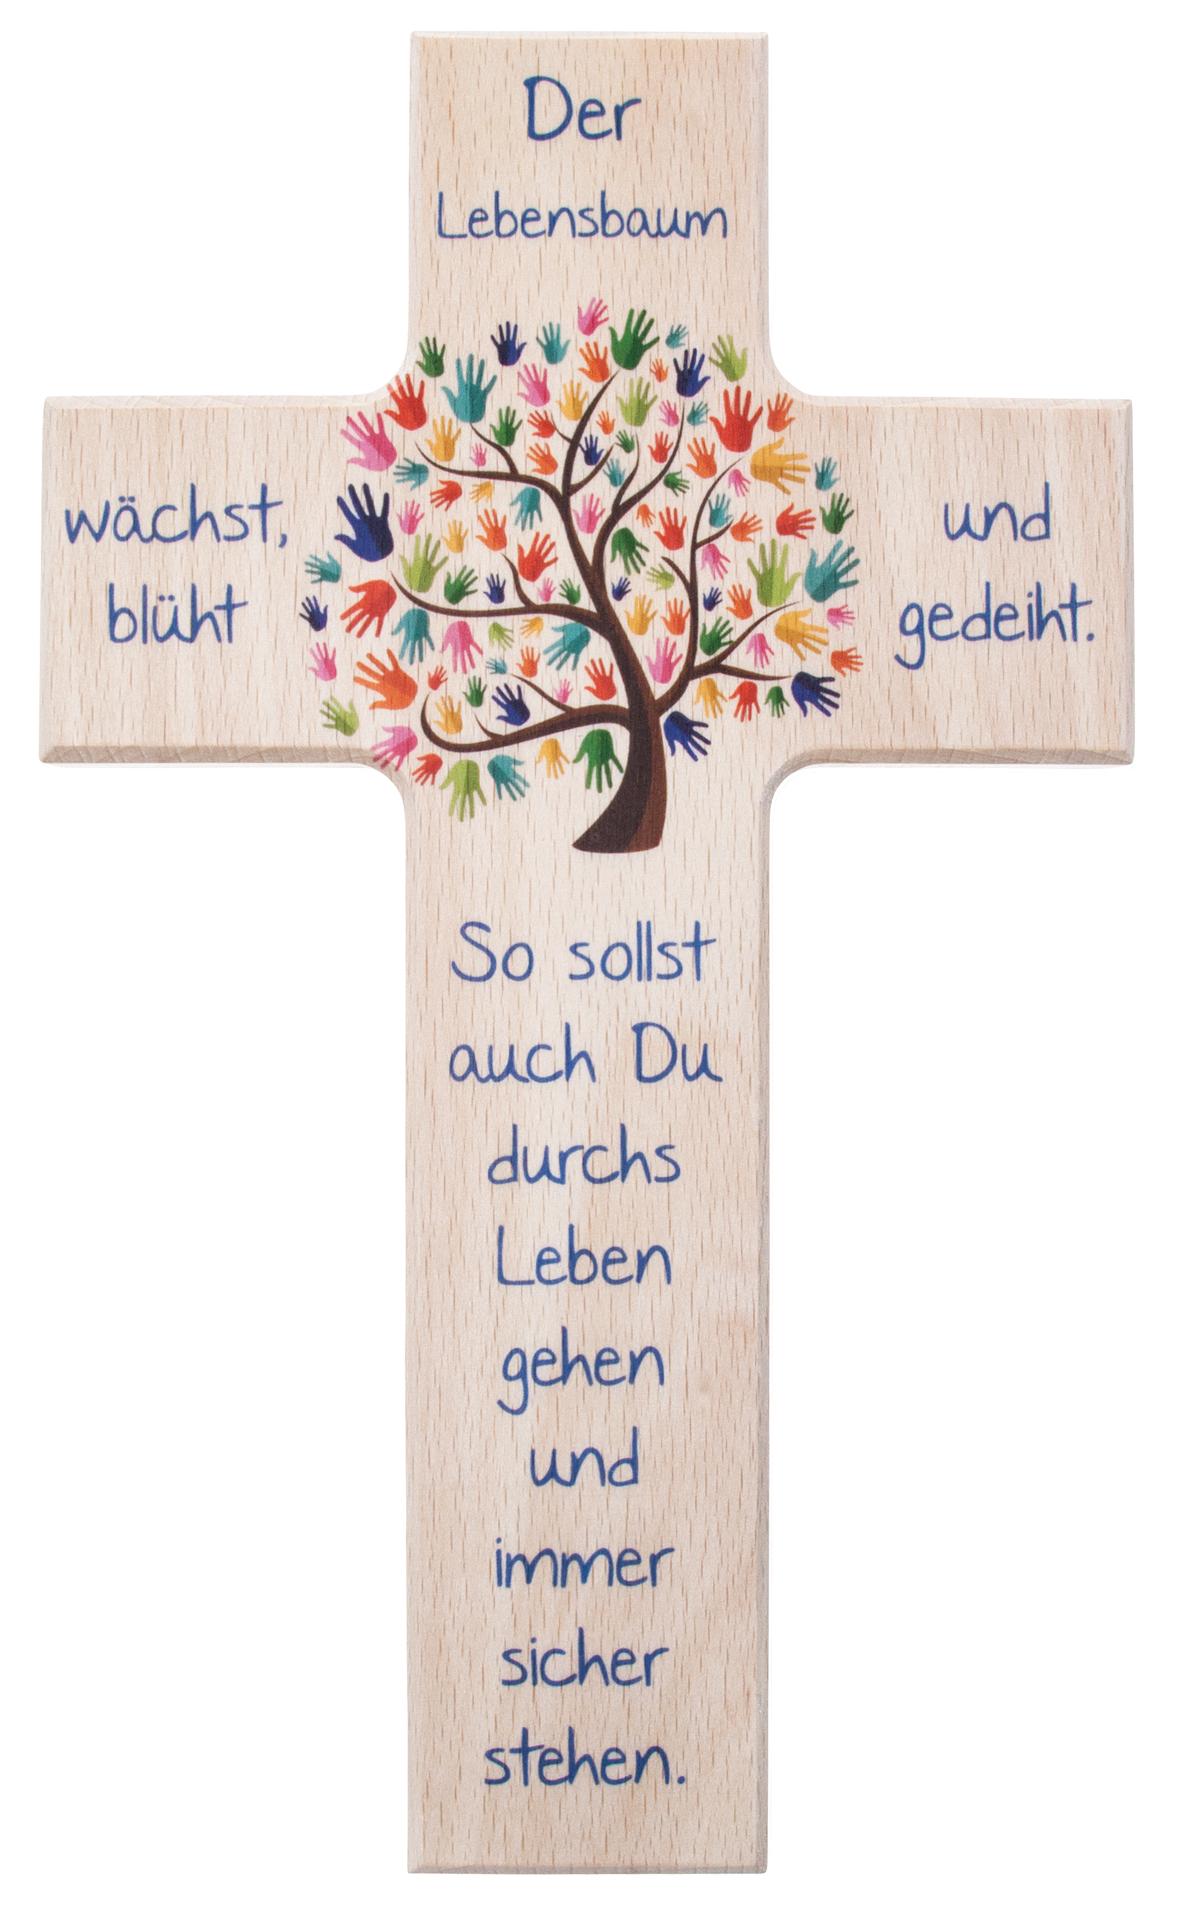 Kinderkreuz  Der Lebensbaum natur  bei KirchlicheKunstde